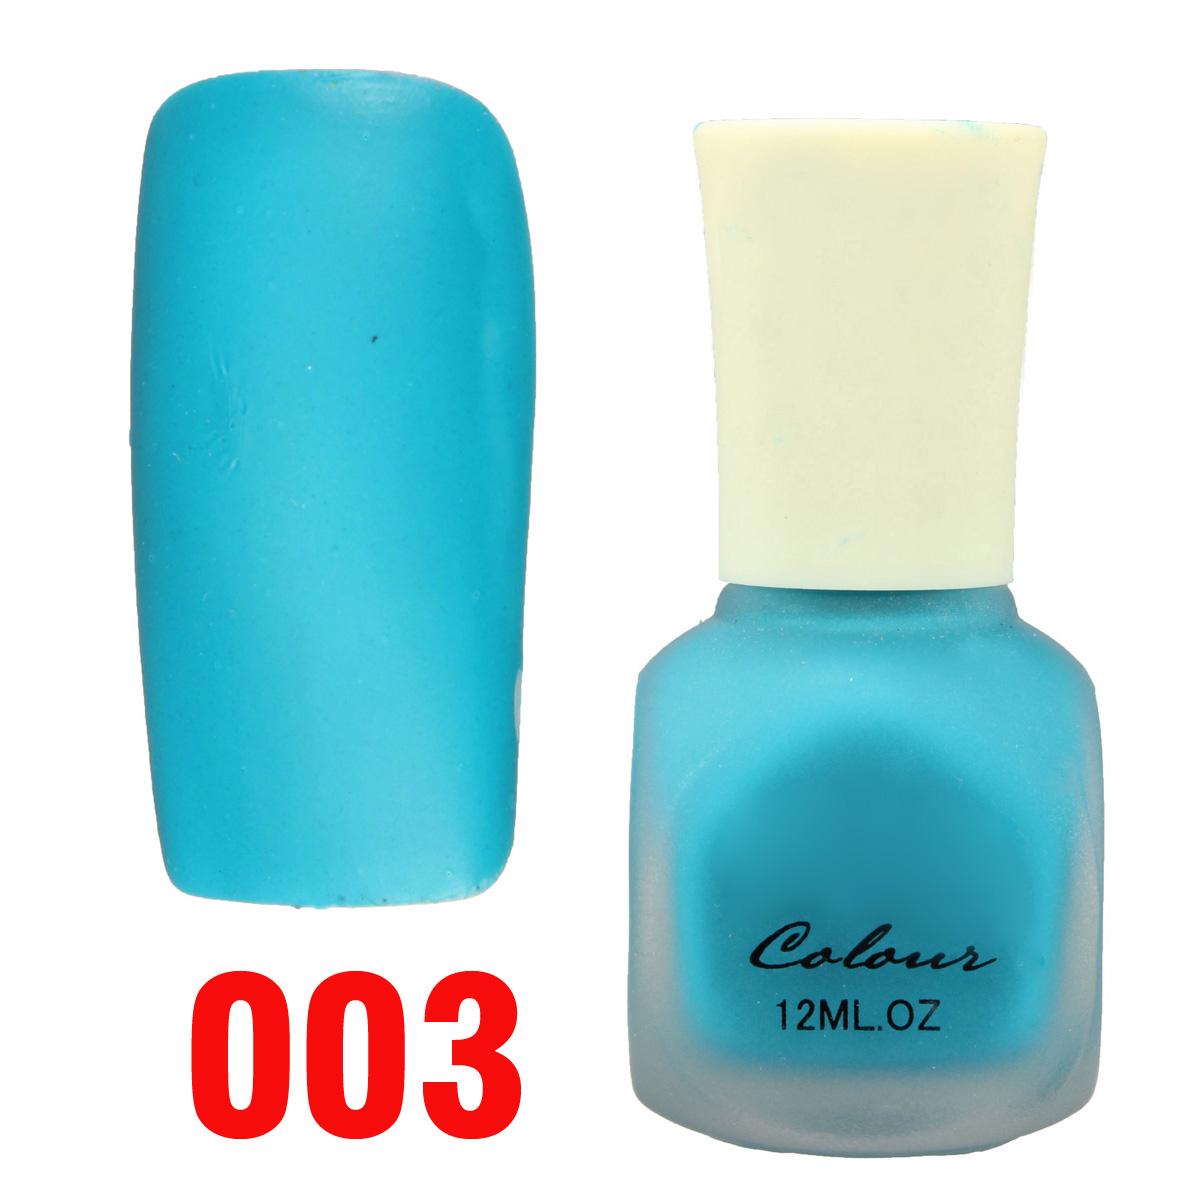 20 couleurs vernis ongle mat terne fragrant gel uv protection nail art 12ml ebay. Black Bedroom Furniture Sets. Home Design Ideas